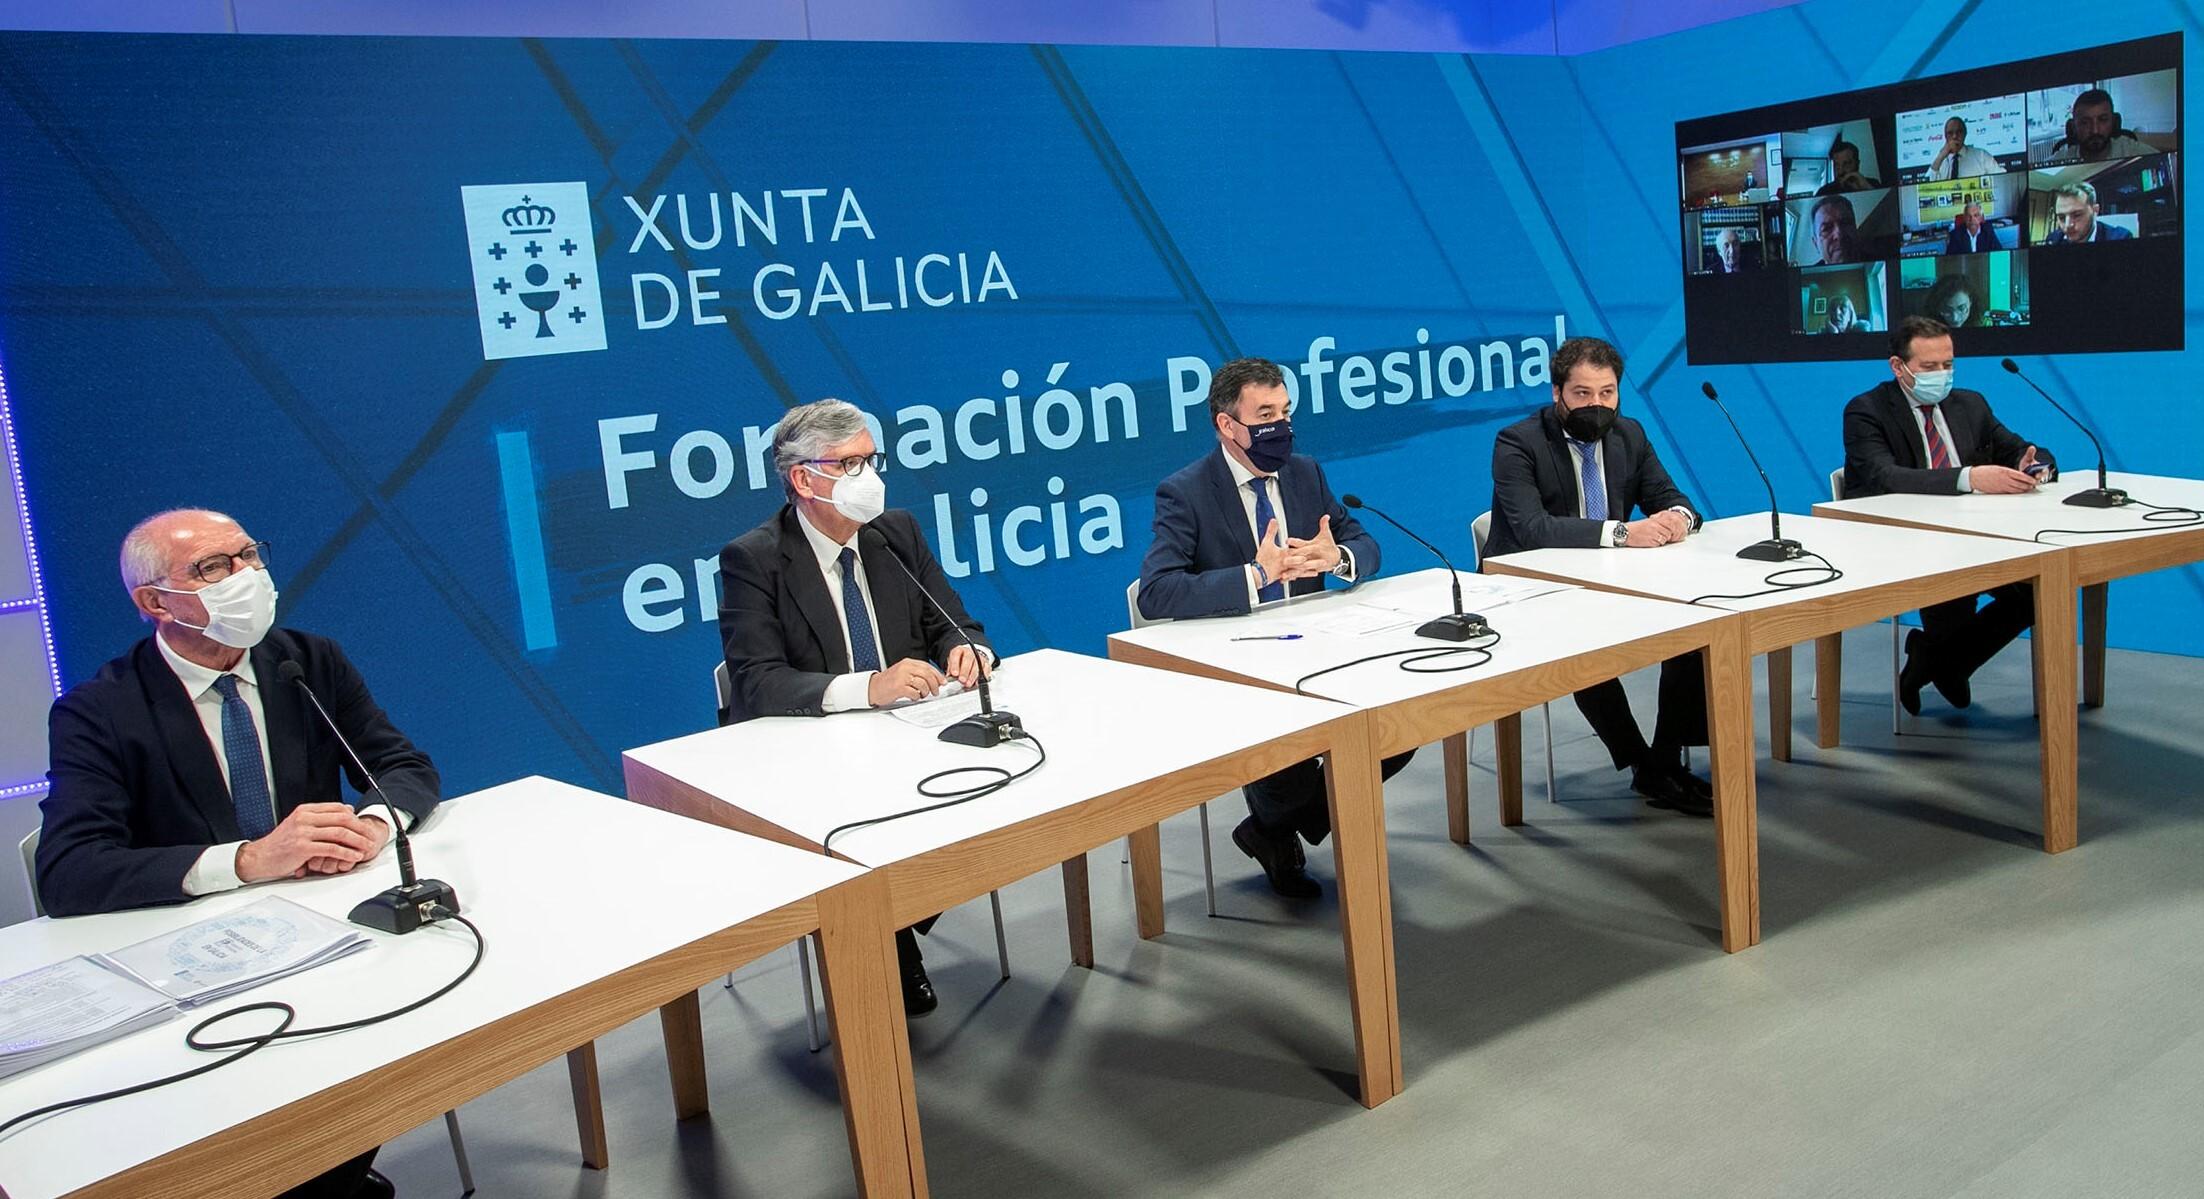 O conselleiro de Cultura, Educación e Universidade, Román Rodríguez, mantén unha reunión de traballo con representantes empresariais encabezados polo presidente da Confederación de Empresarios de Galicia, José Manuel Vieites.